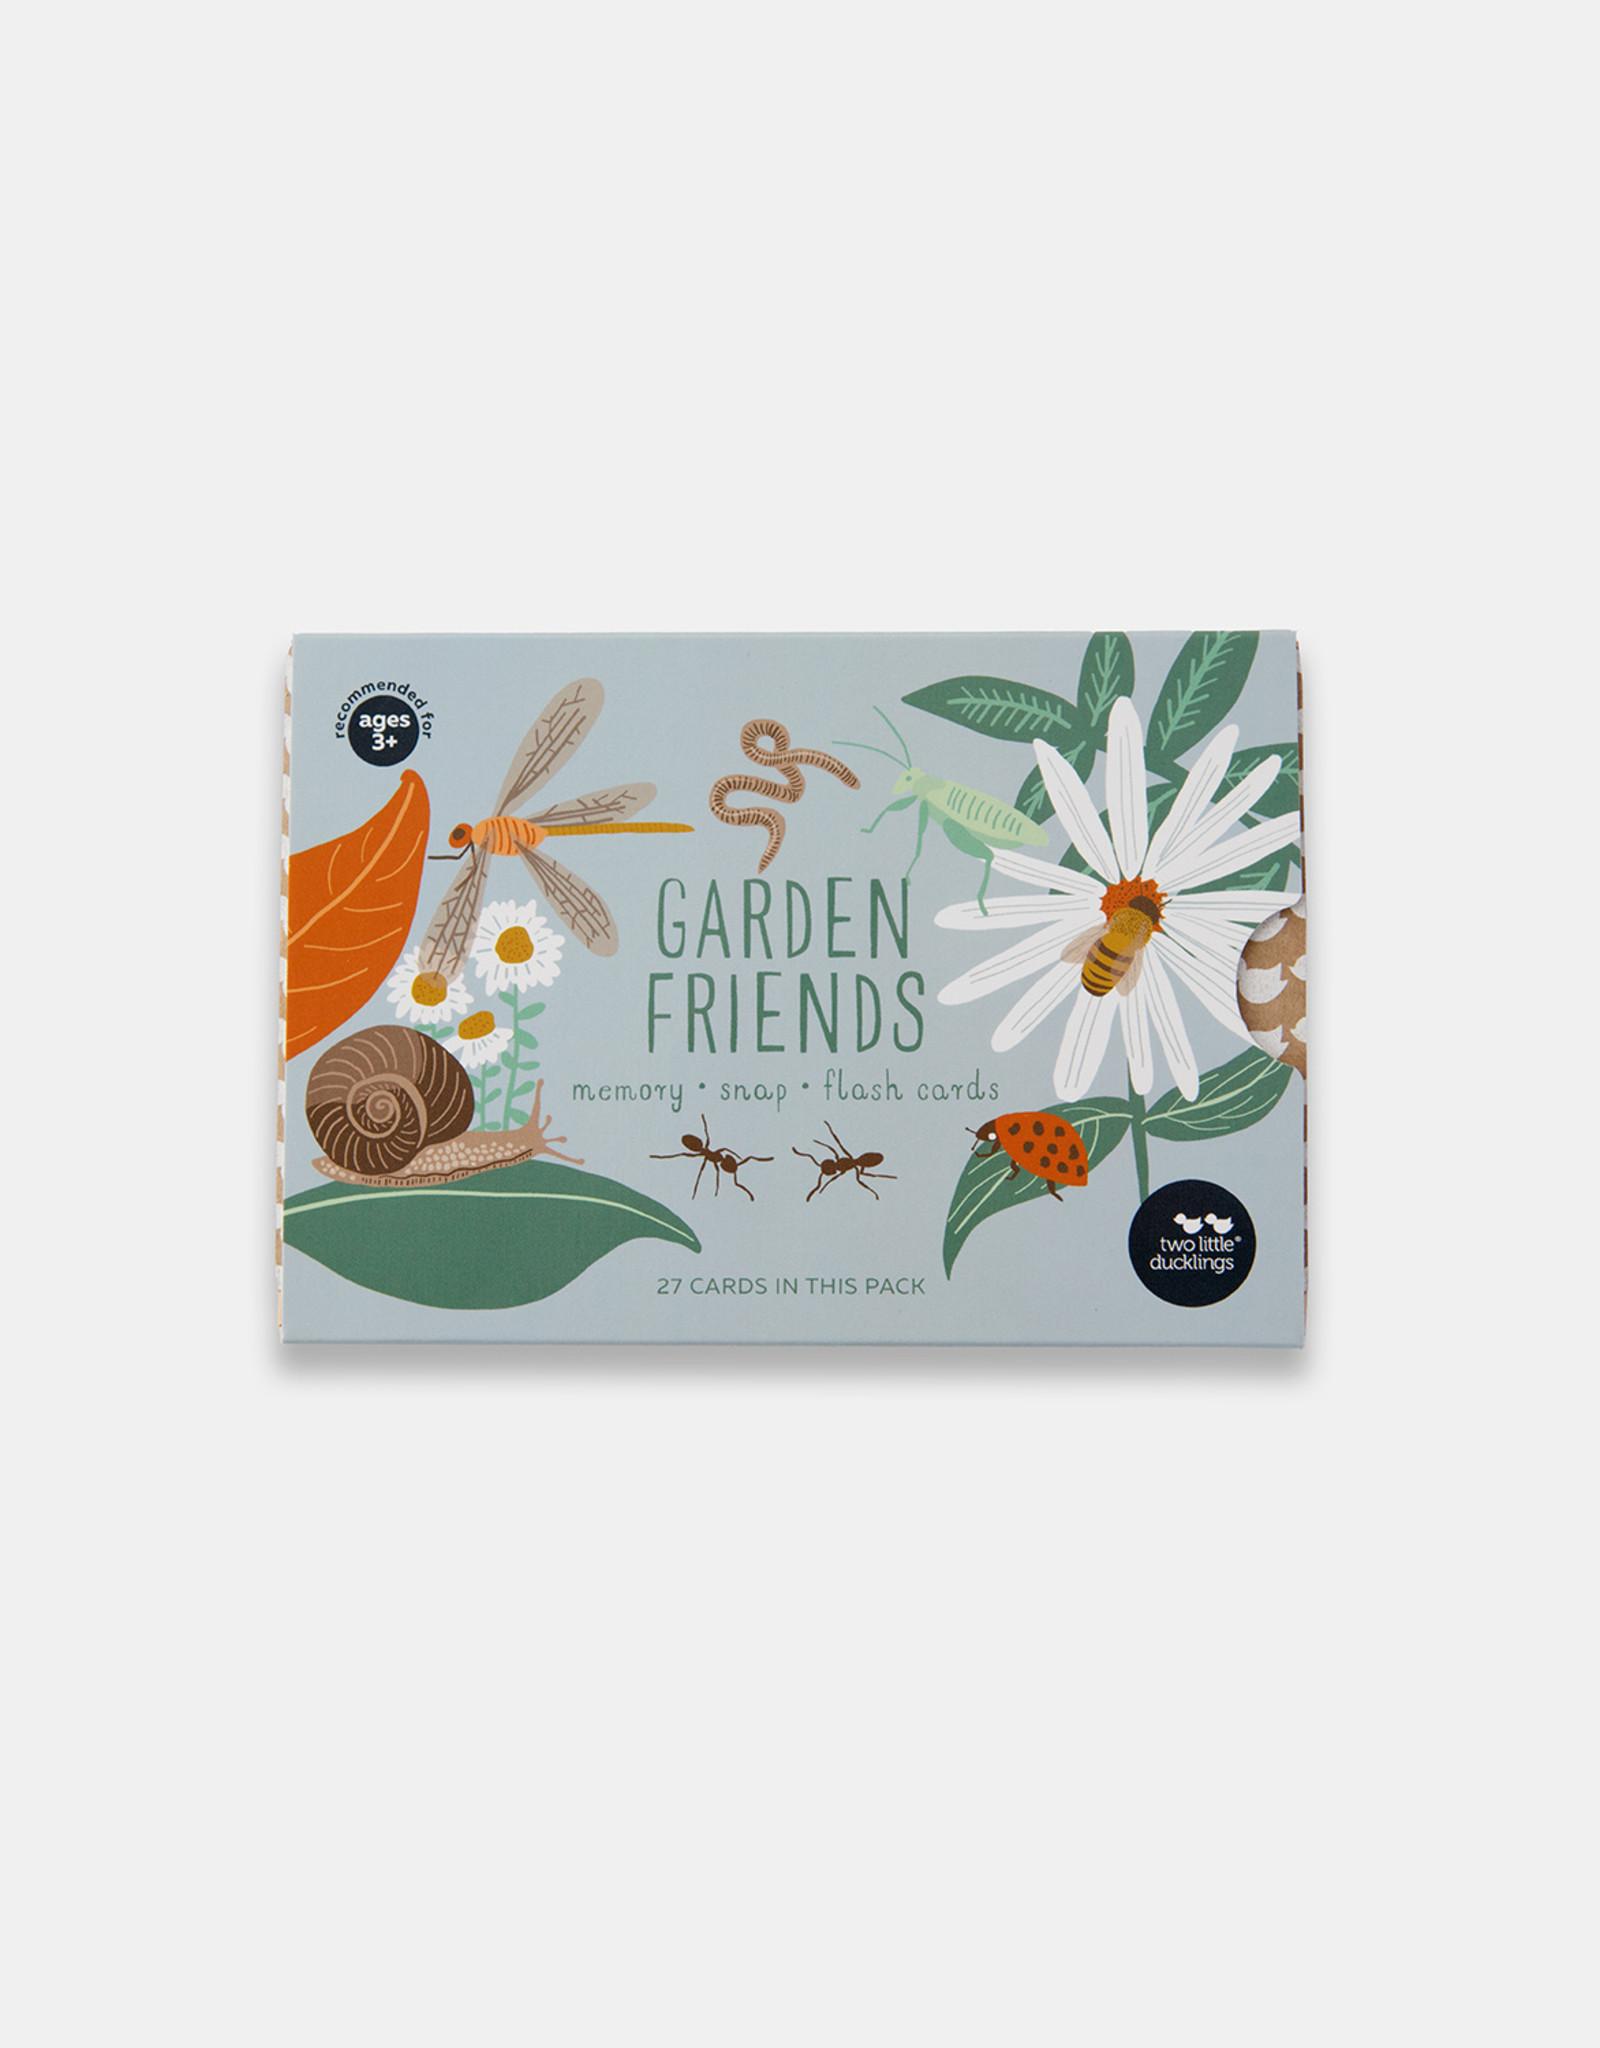 Two Little Duckings Two Little Ducklings - Garden Friends Snap & Memory Flash Cards